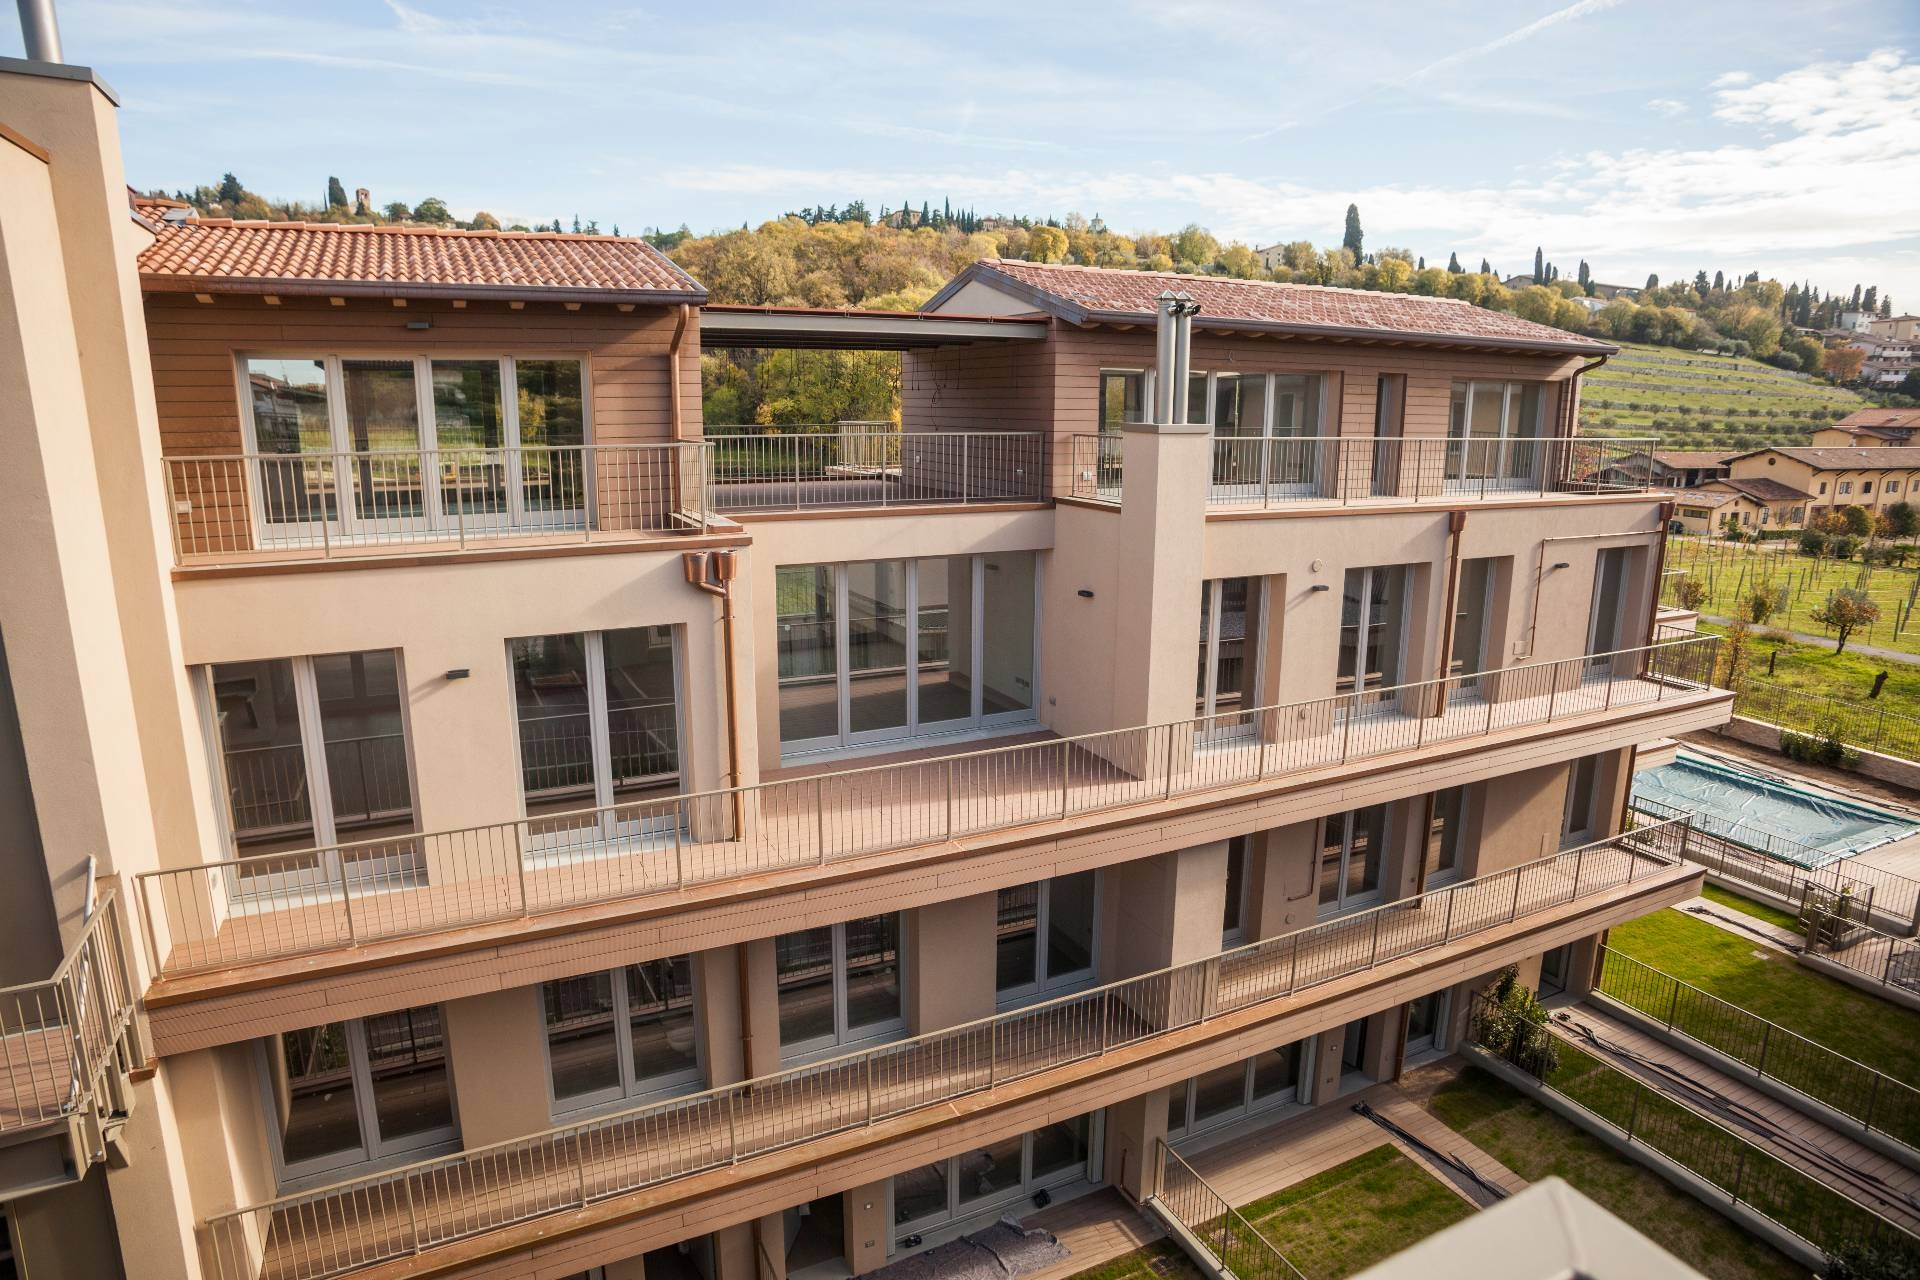 Villa in Vendita a Verona Semicentro Nord: 5 locali, 189 mq